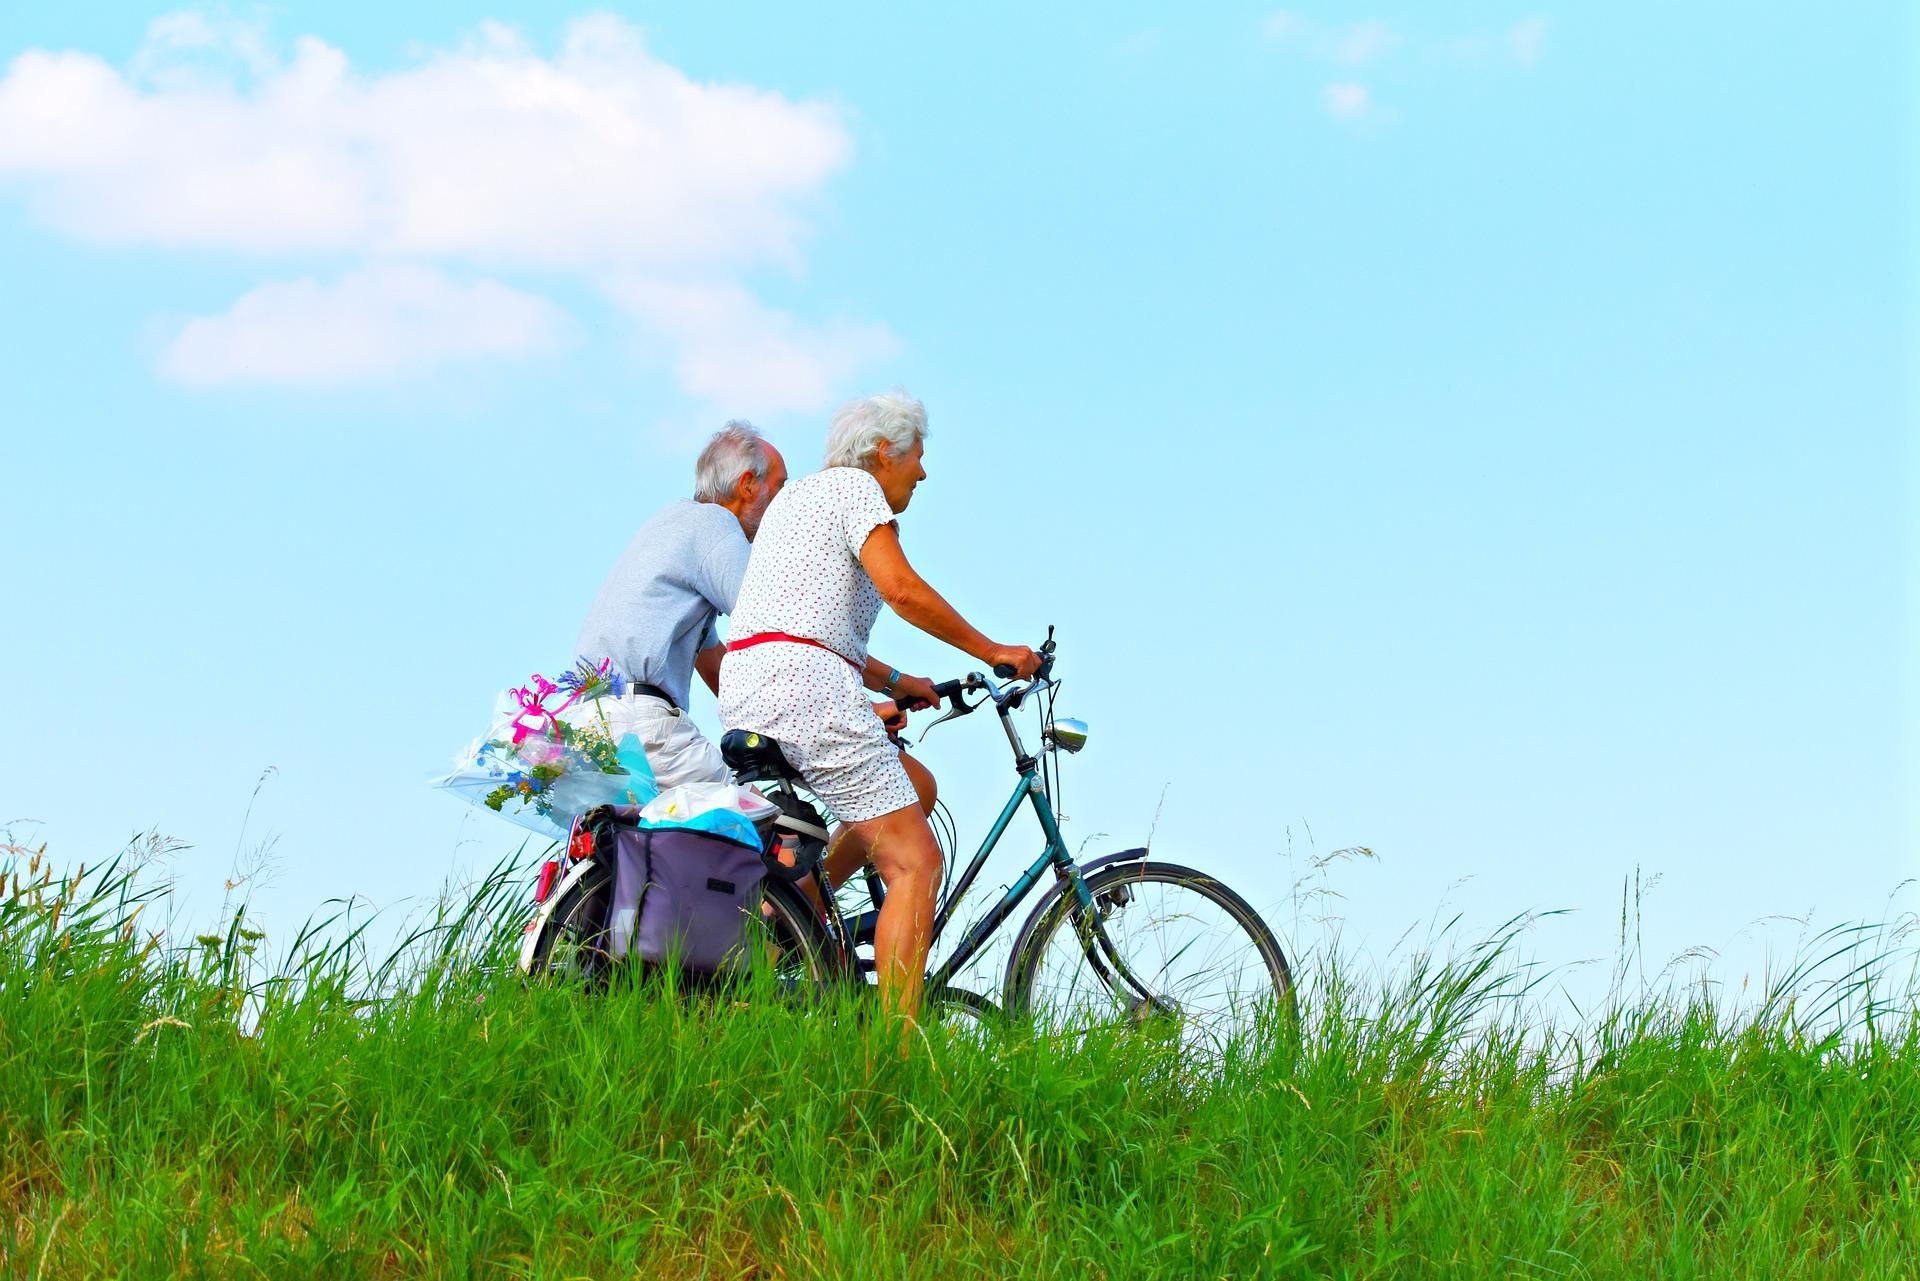 La réforme des retraites en plein pourparlers | Crédit photo : Pixabay.com